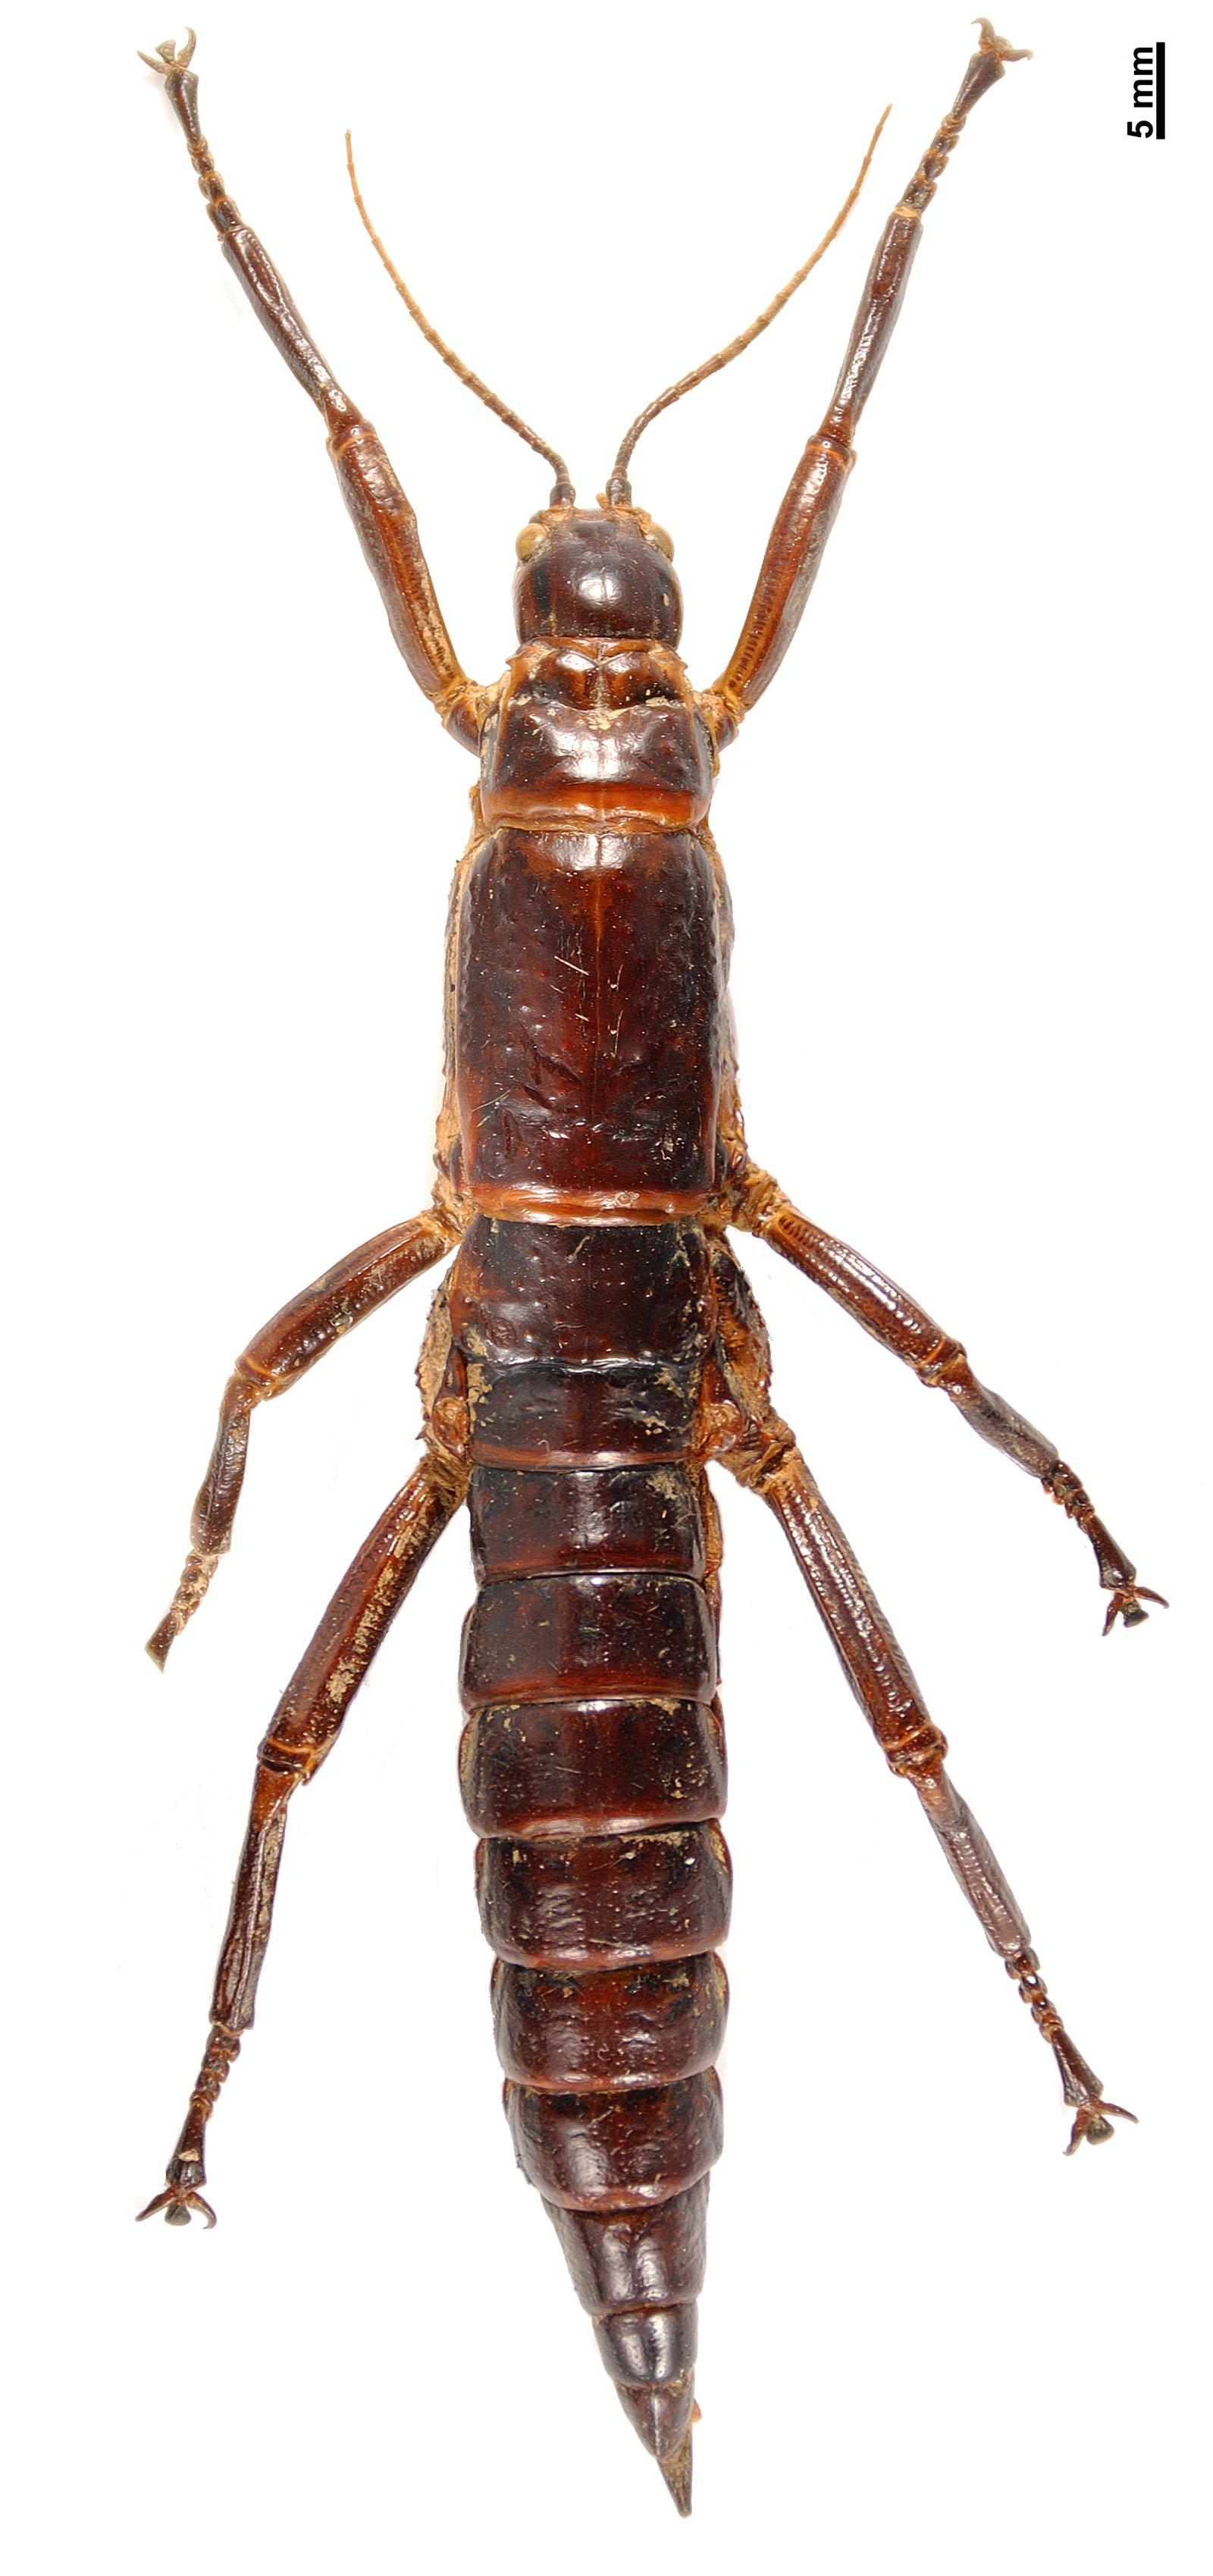 Dryococelus australis